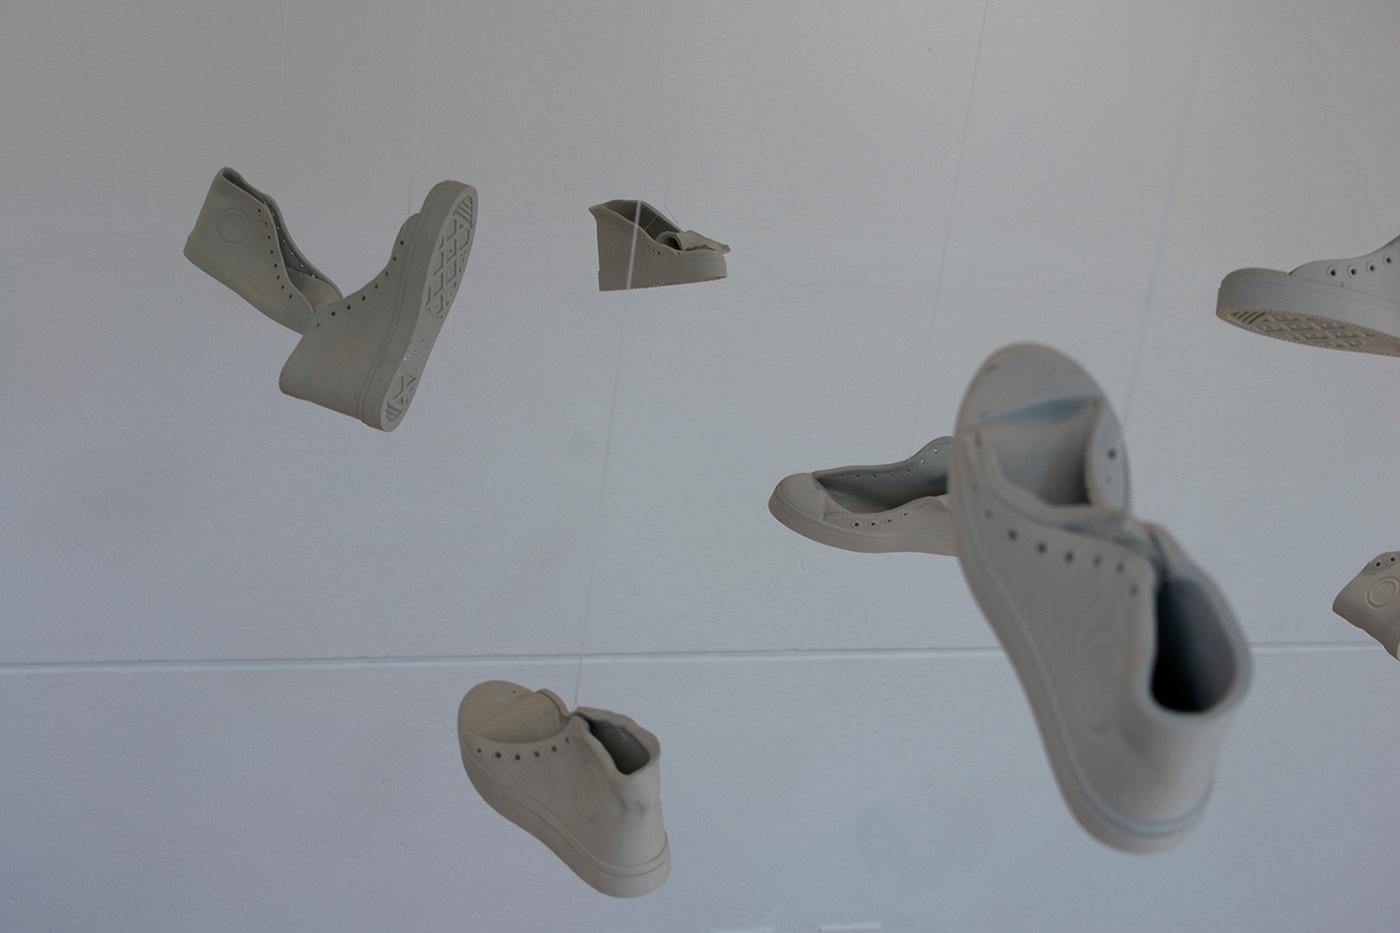 porcelana ceramica ceramic porcelain instalación arte art Hecho a mano hand made